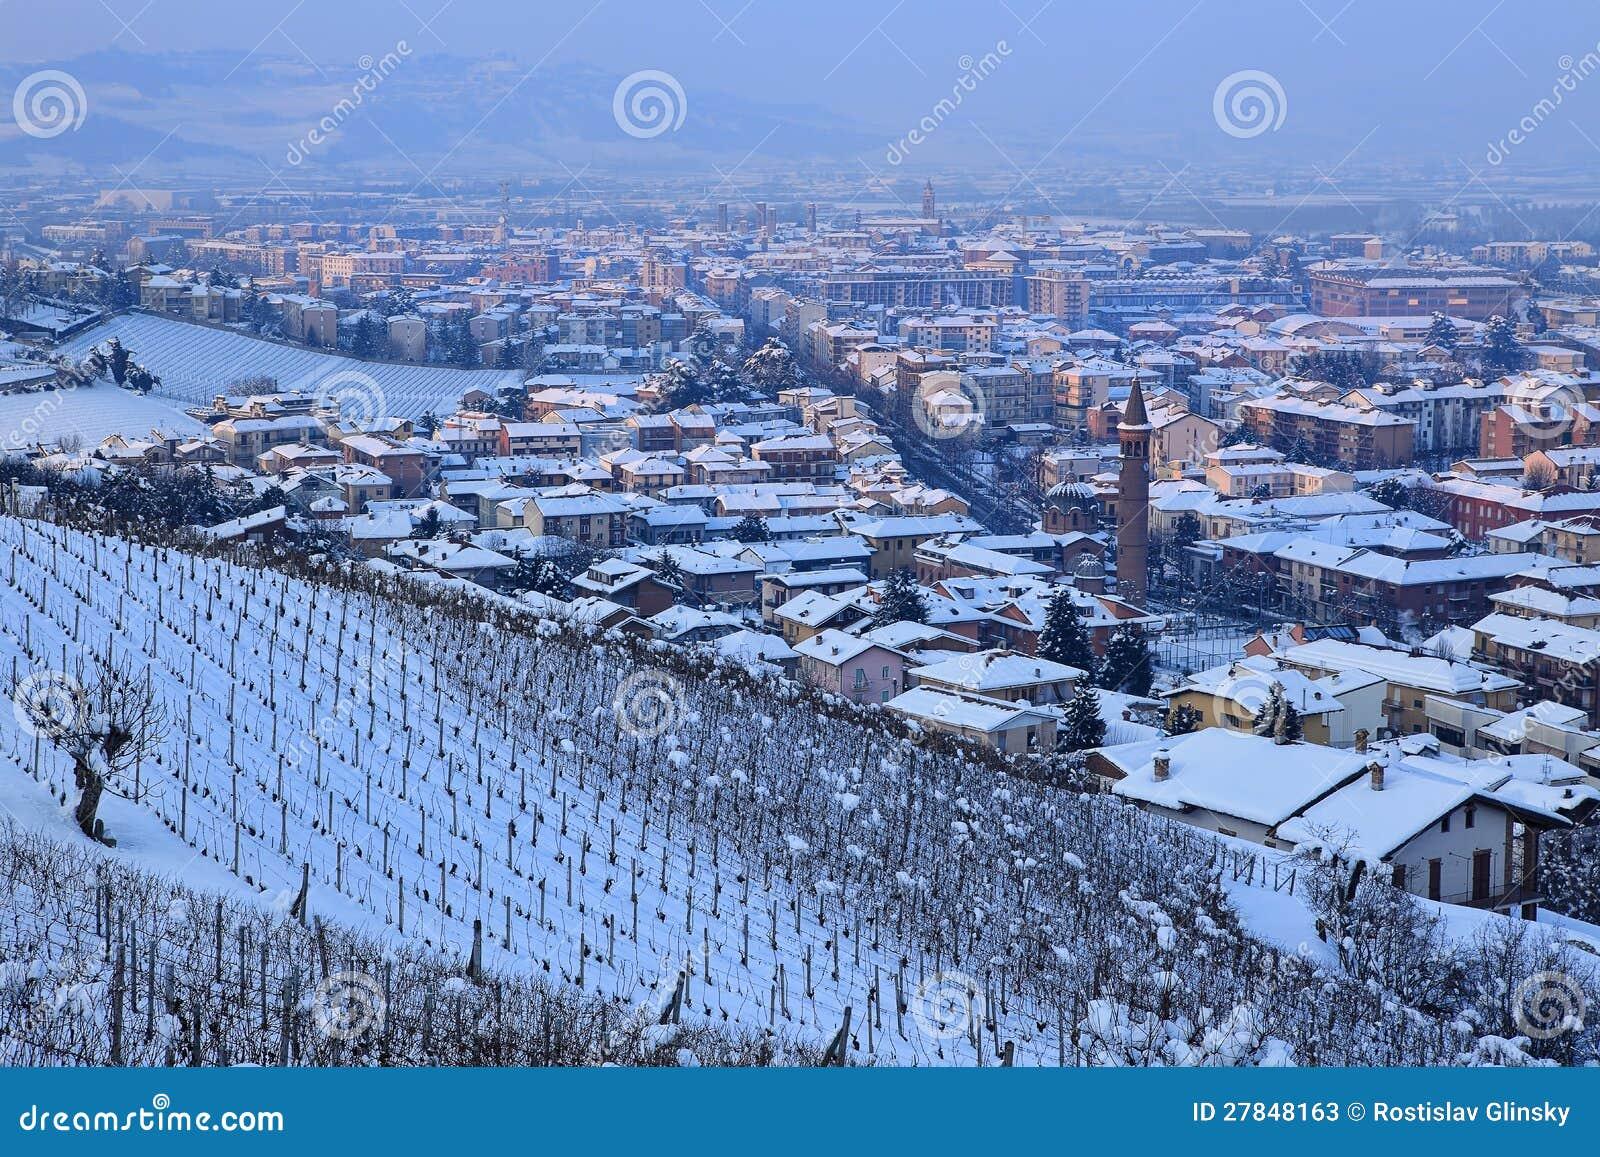 晨曲楼盘在夜间.山麓,意大利.价格最新别墅城镇抚州2018图片